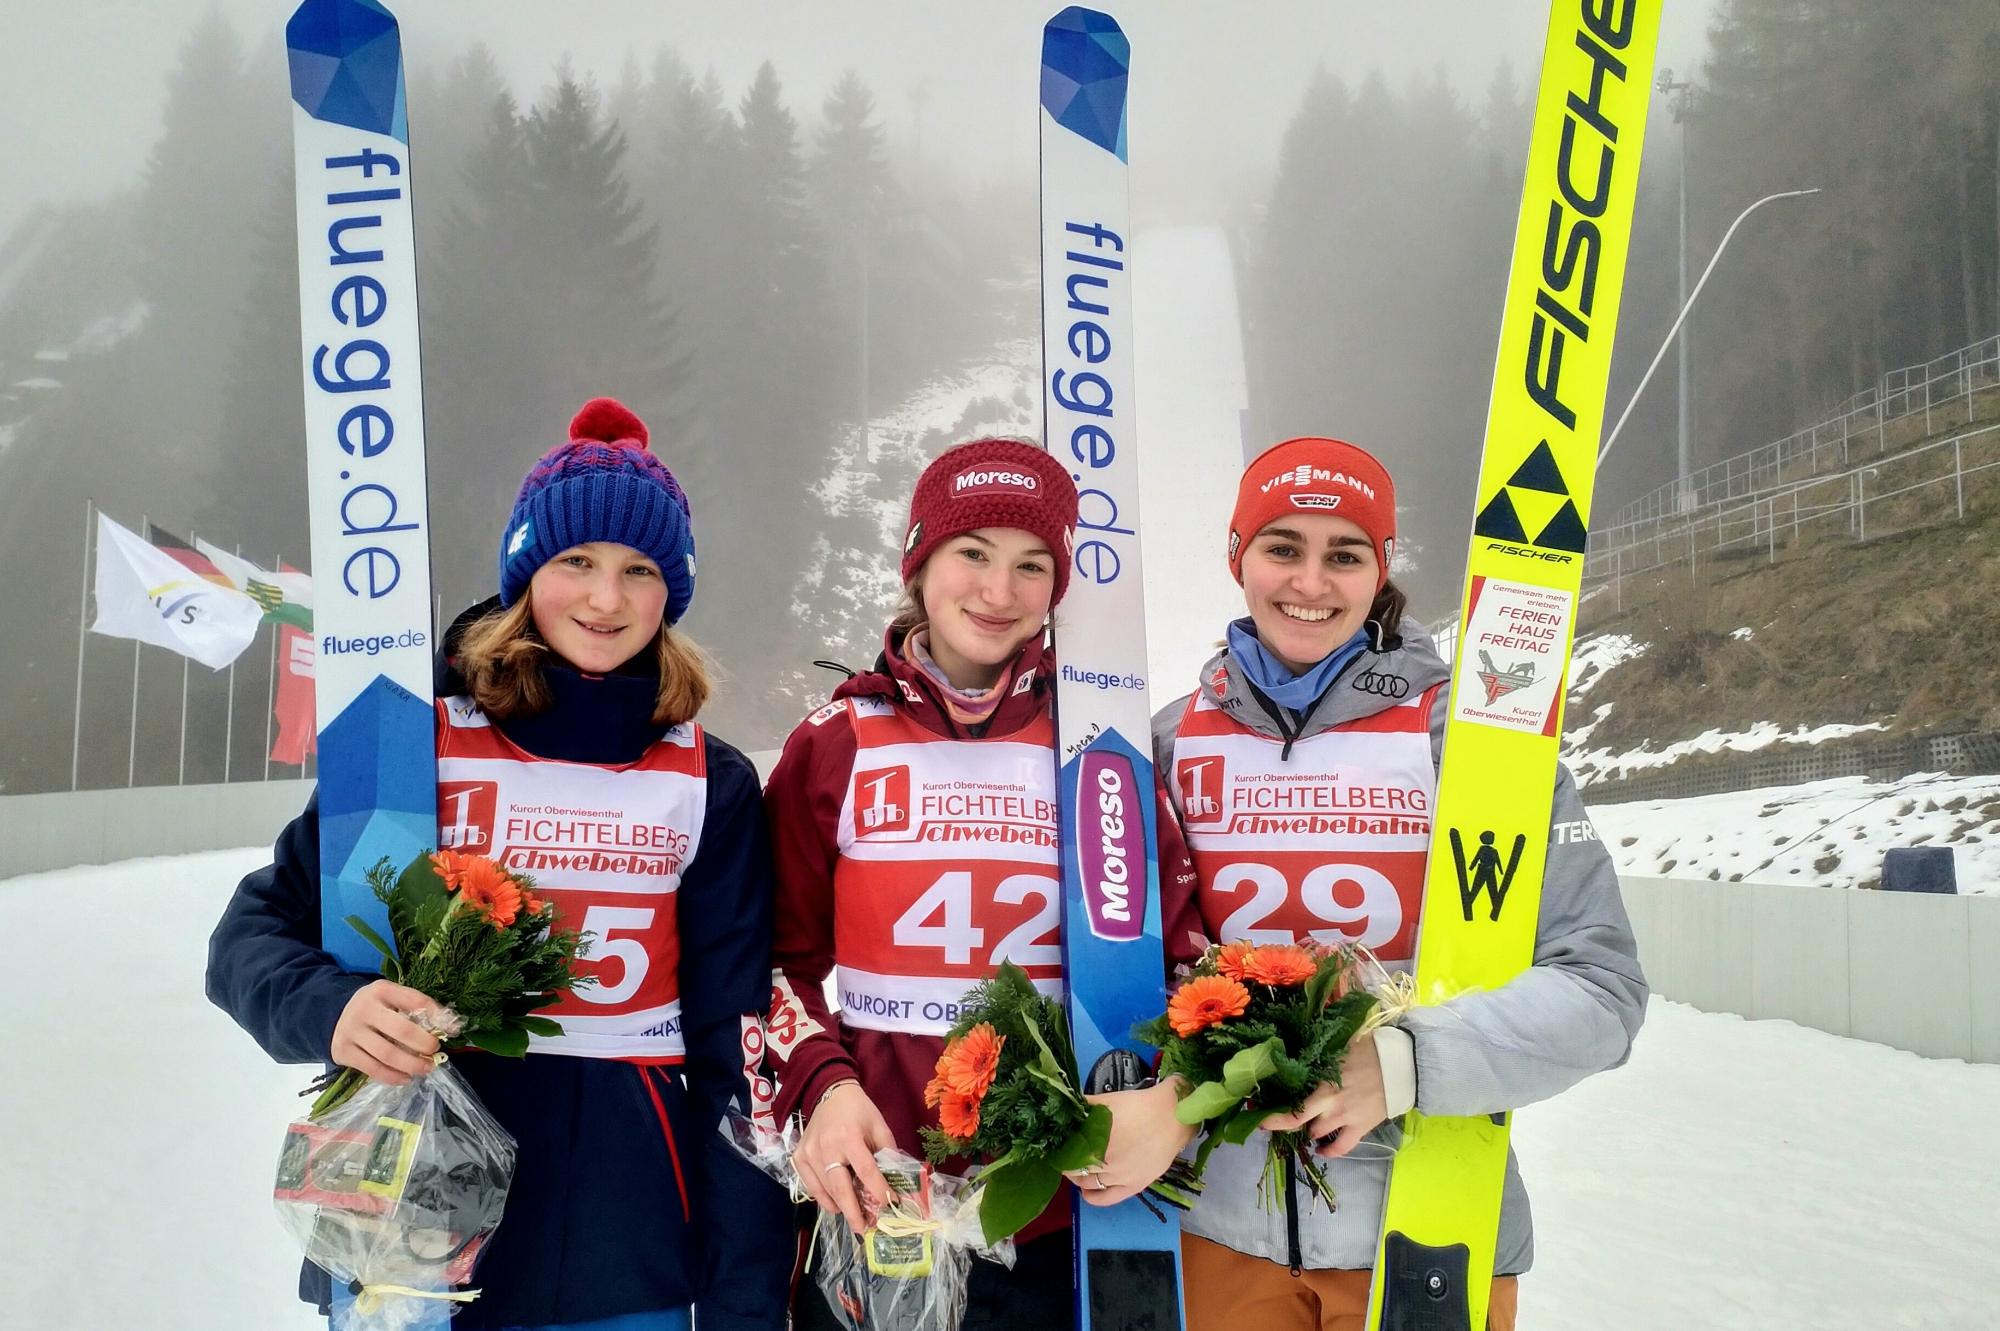 FIS Cup Pań Oberwiesenthal: Kinga Rajda wygrywa, Polka nie dała rywalkom szans!